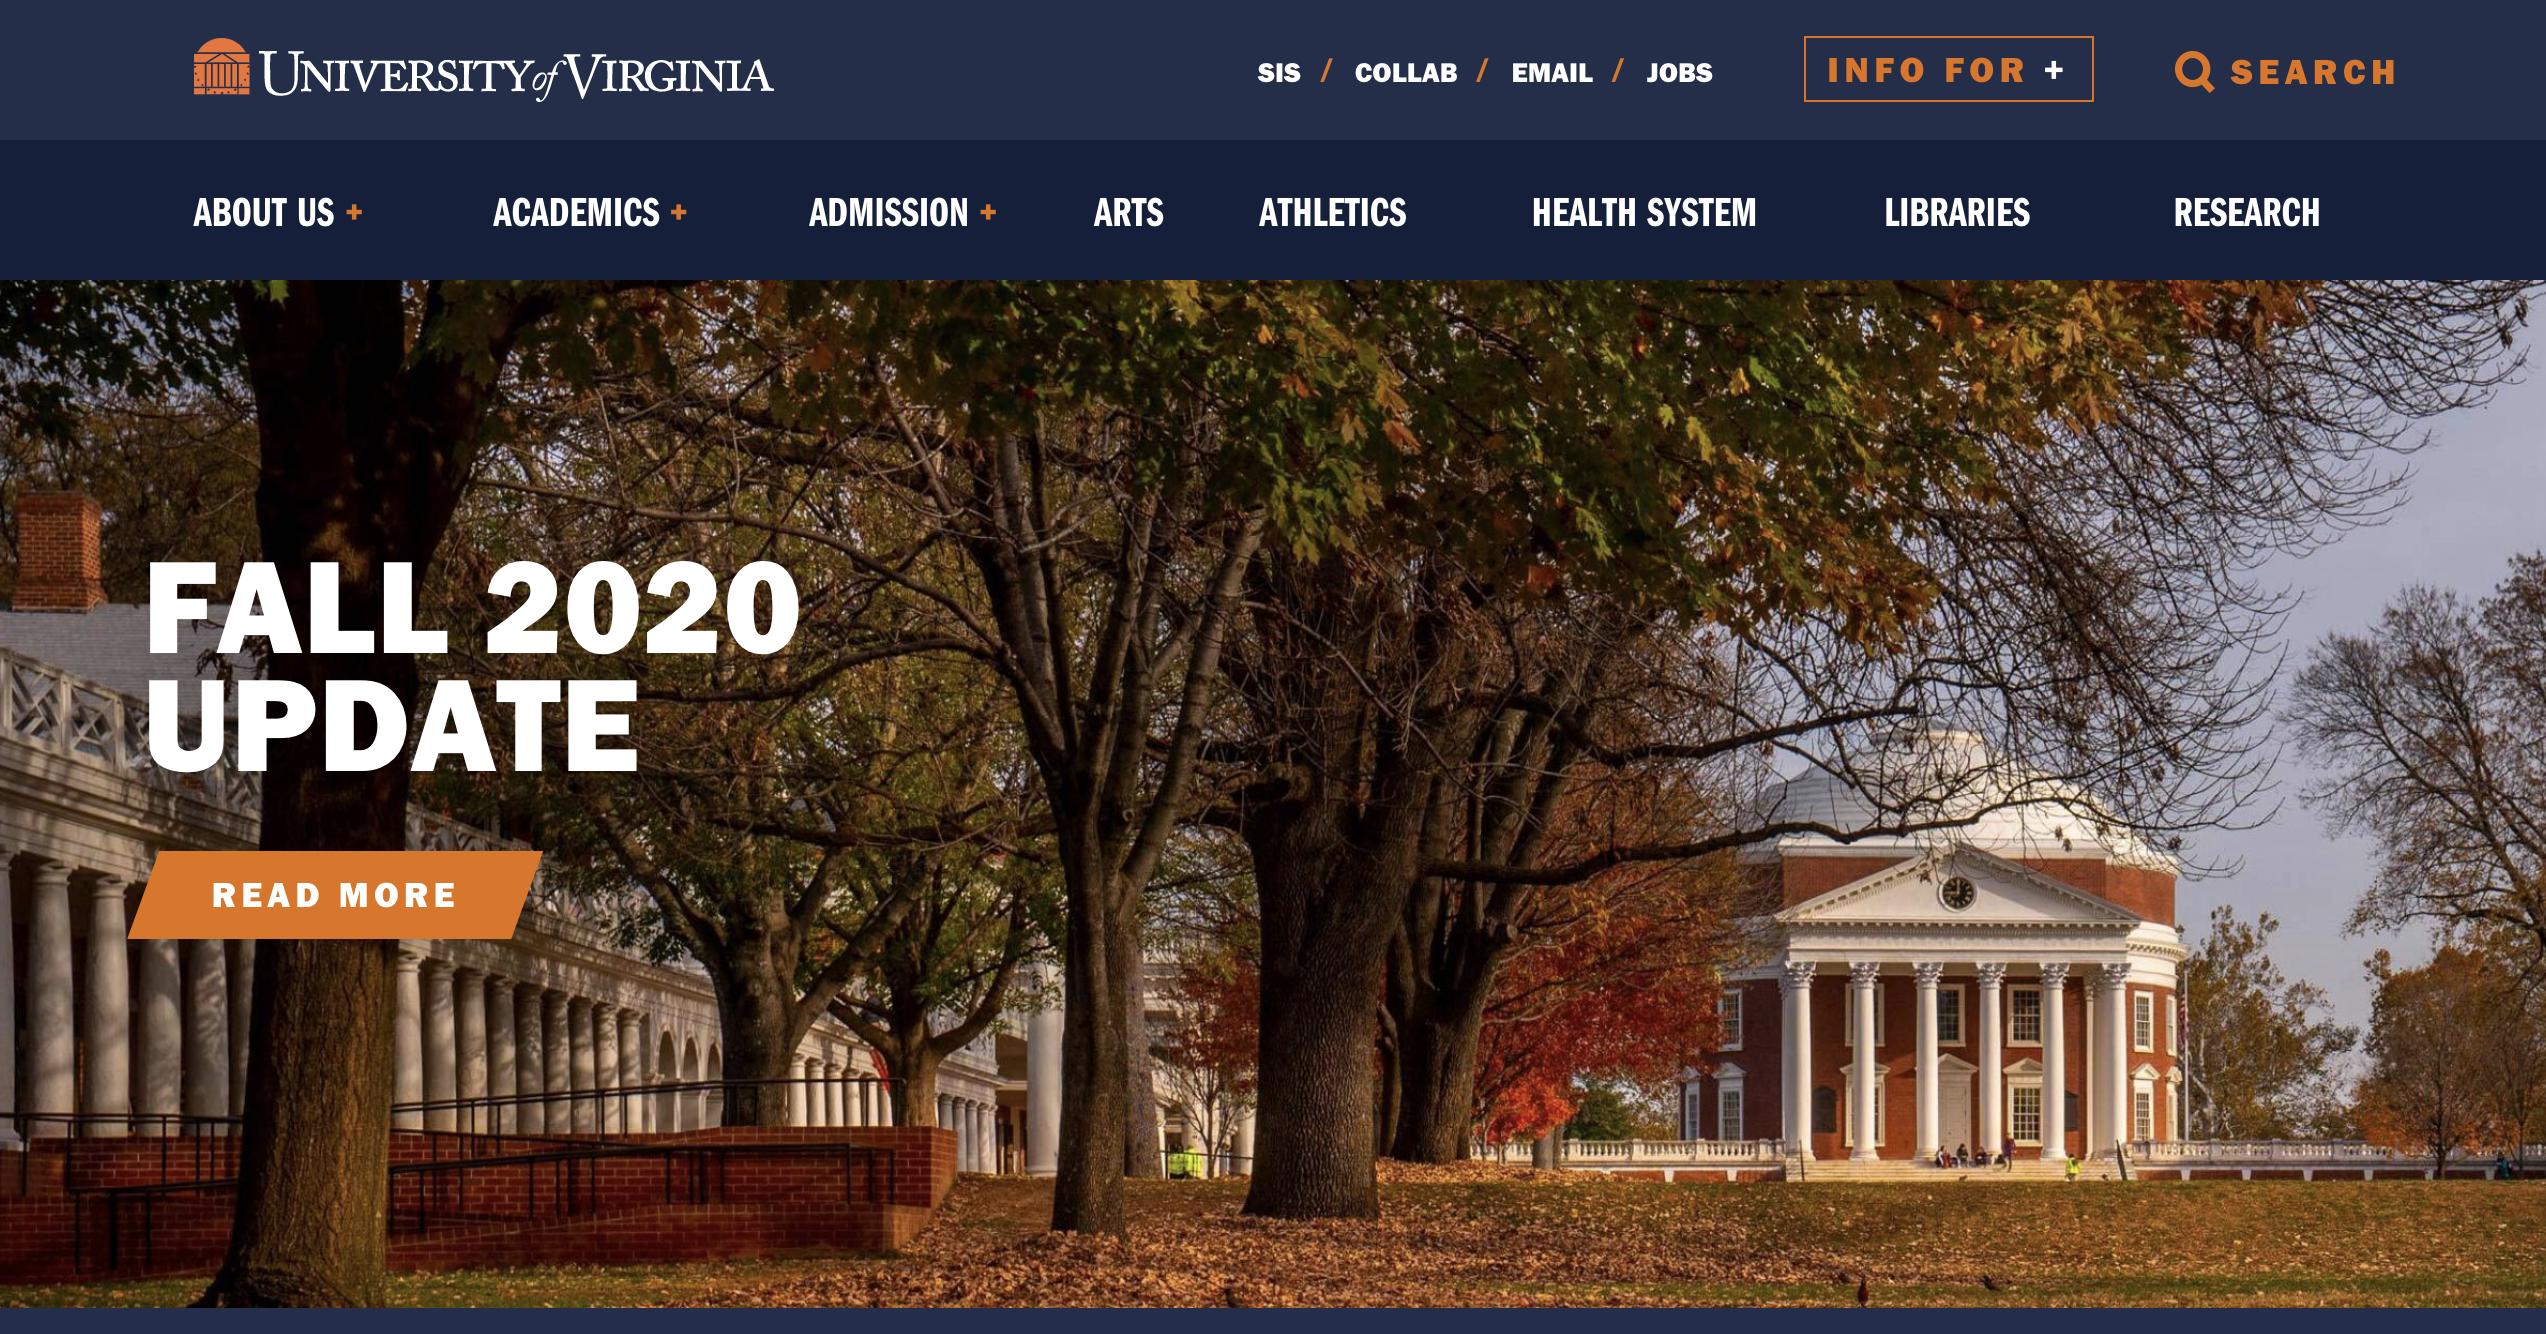 University of Virginia website header